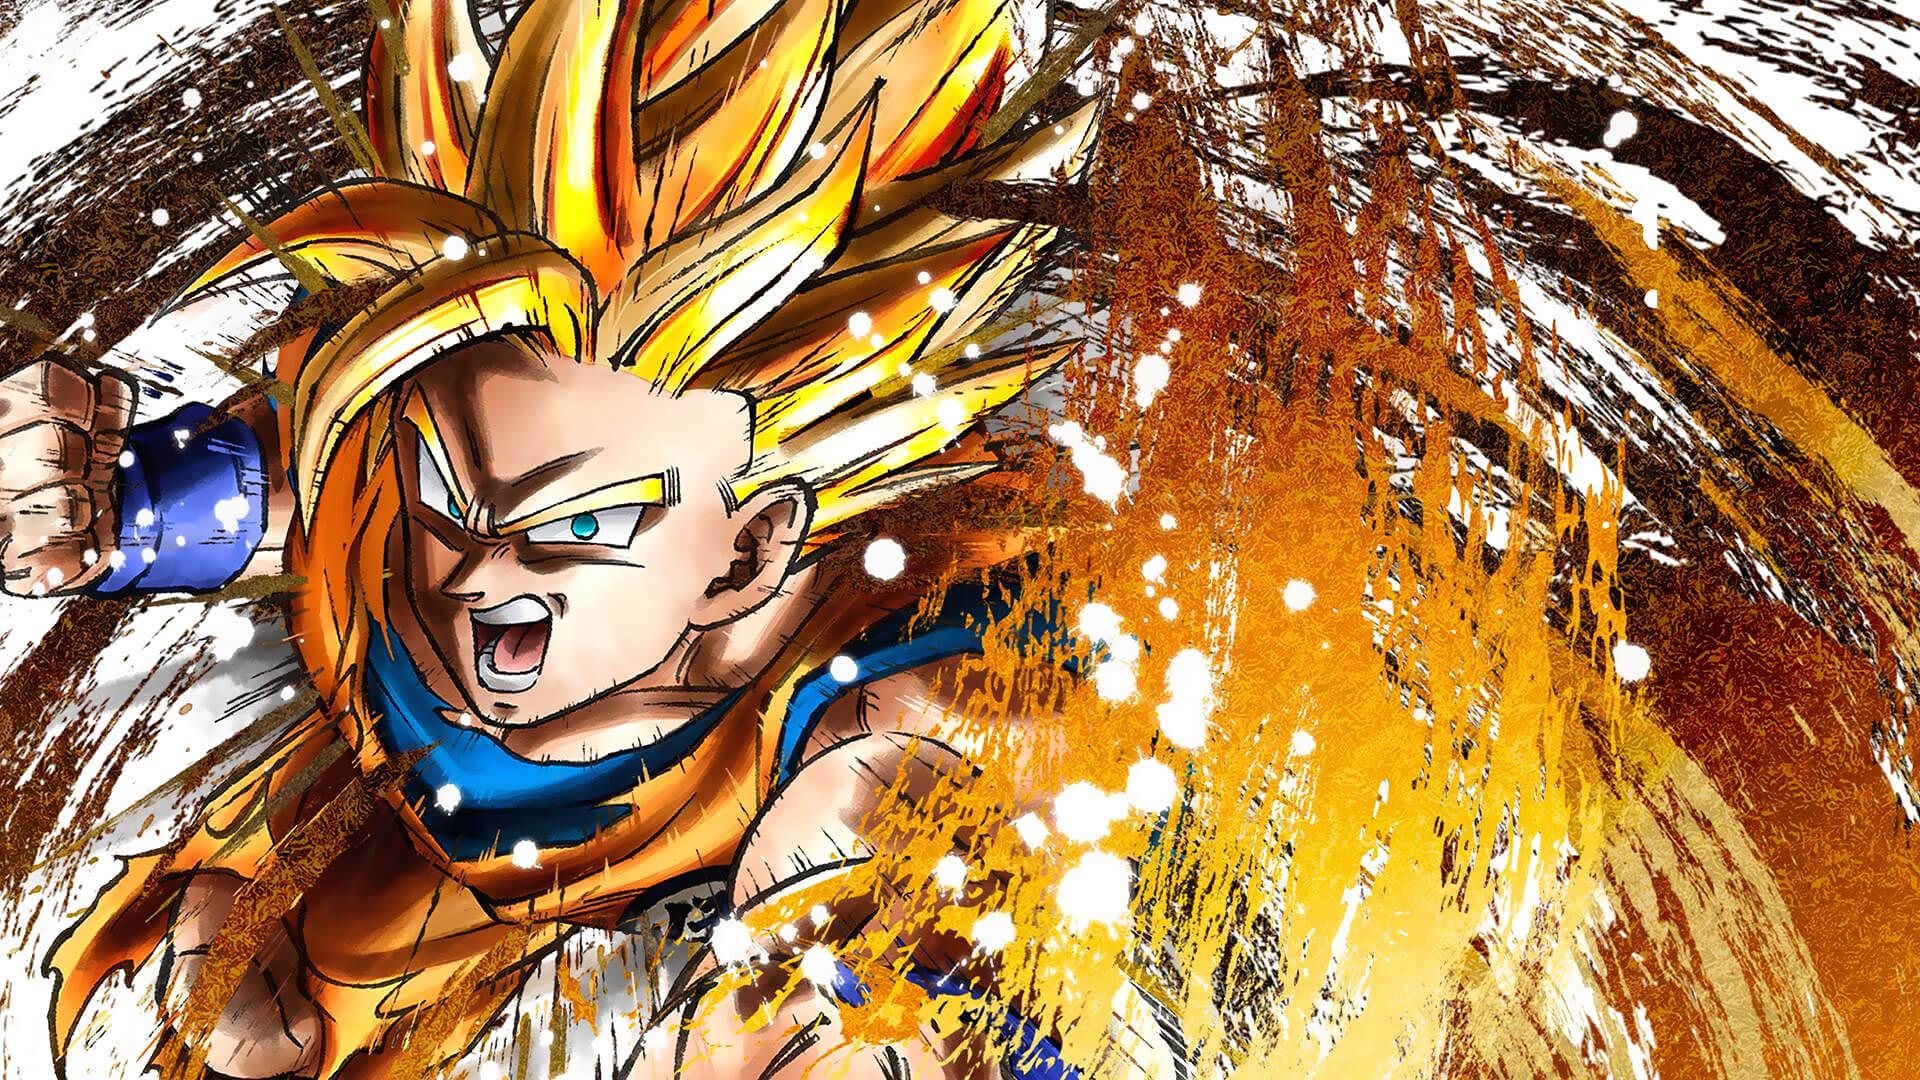 Vendas de Dragon Ball FighterZ superam cinco milhões